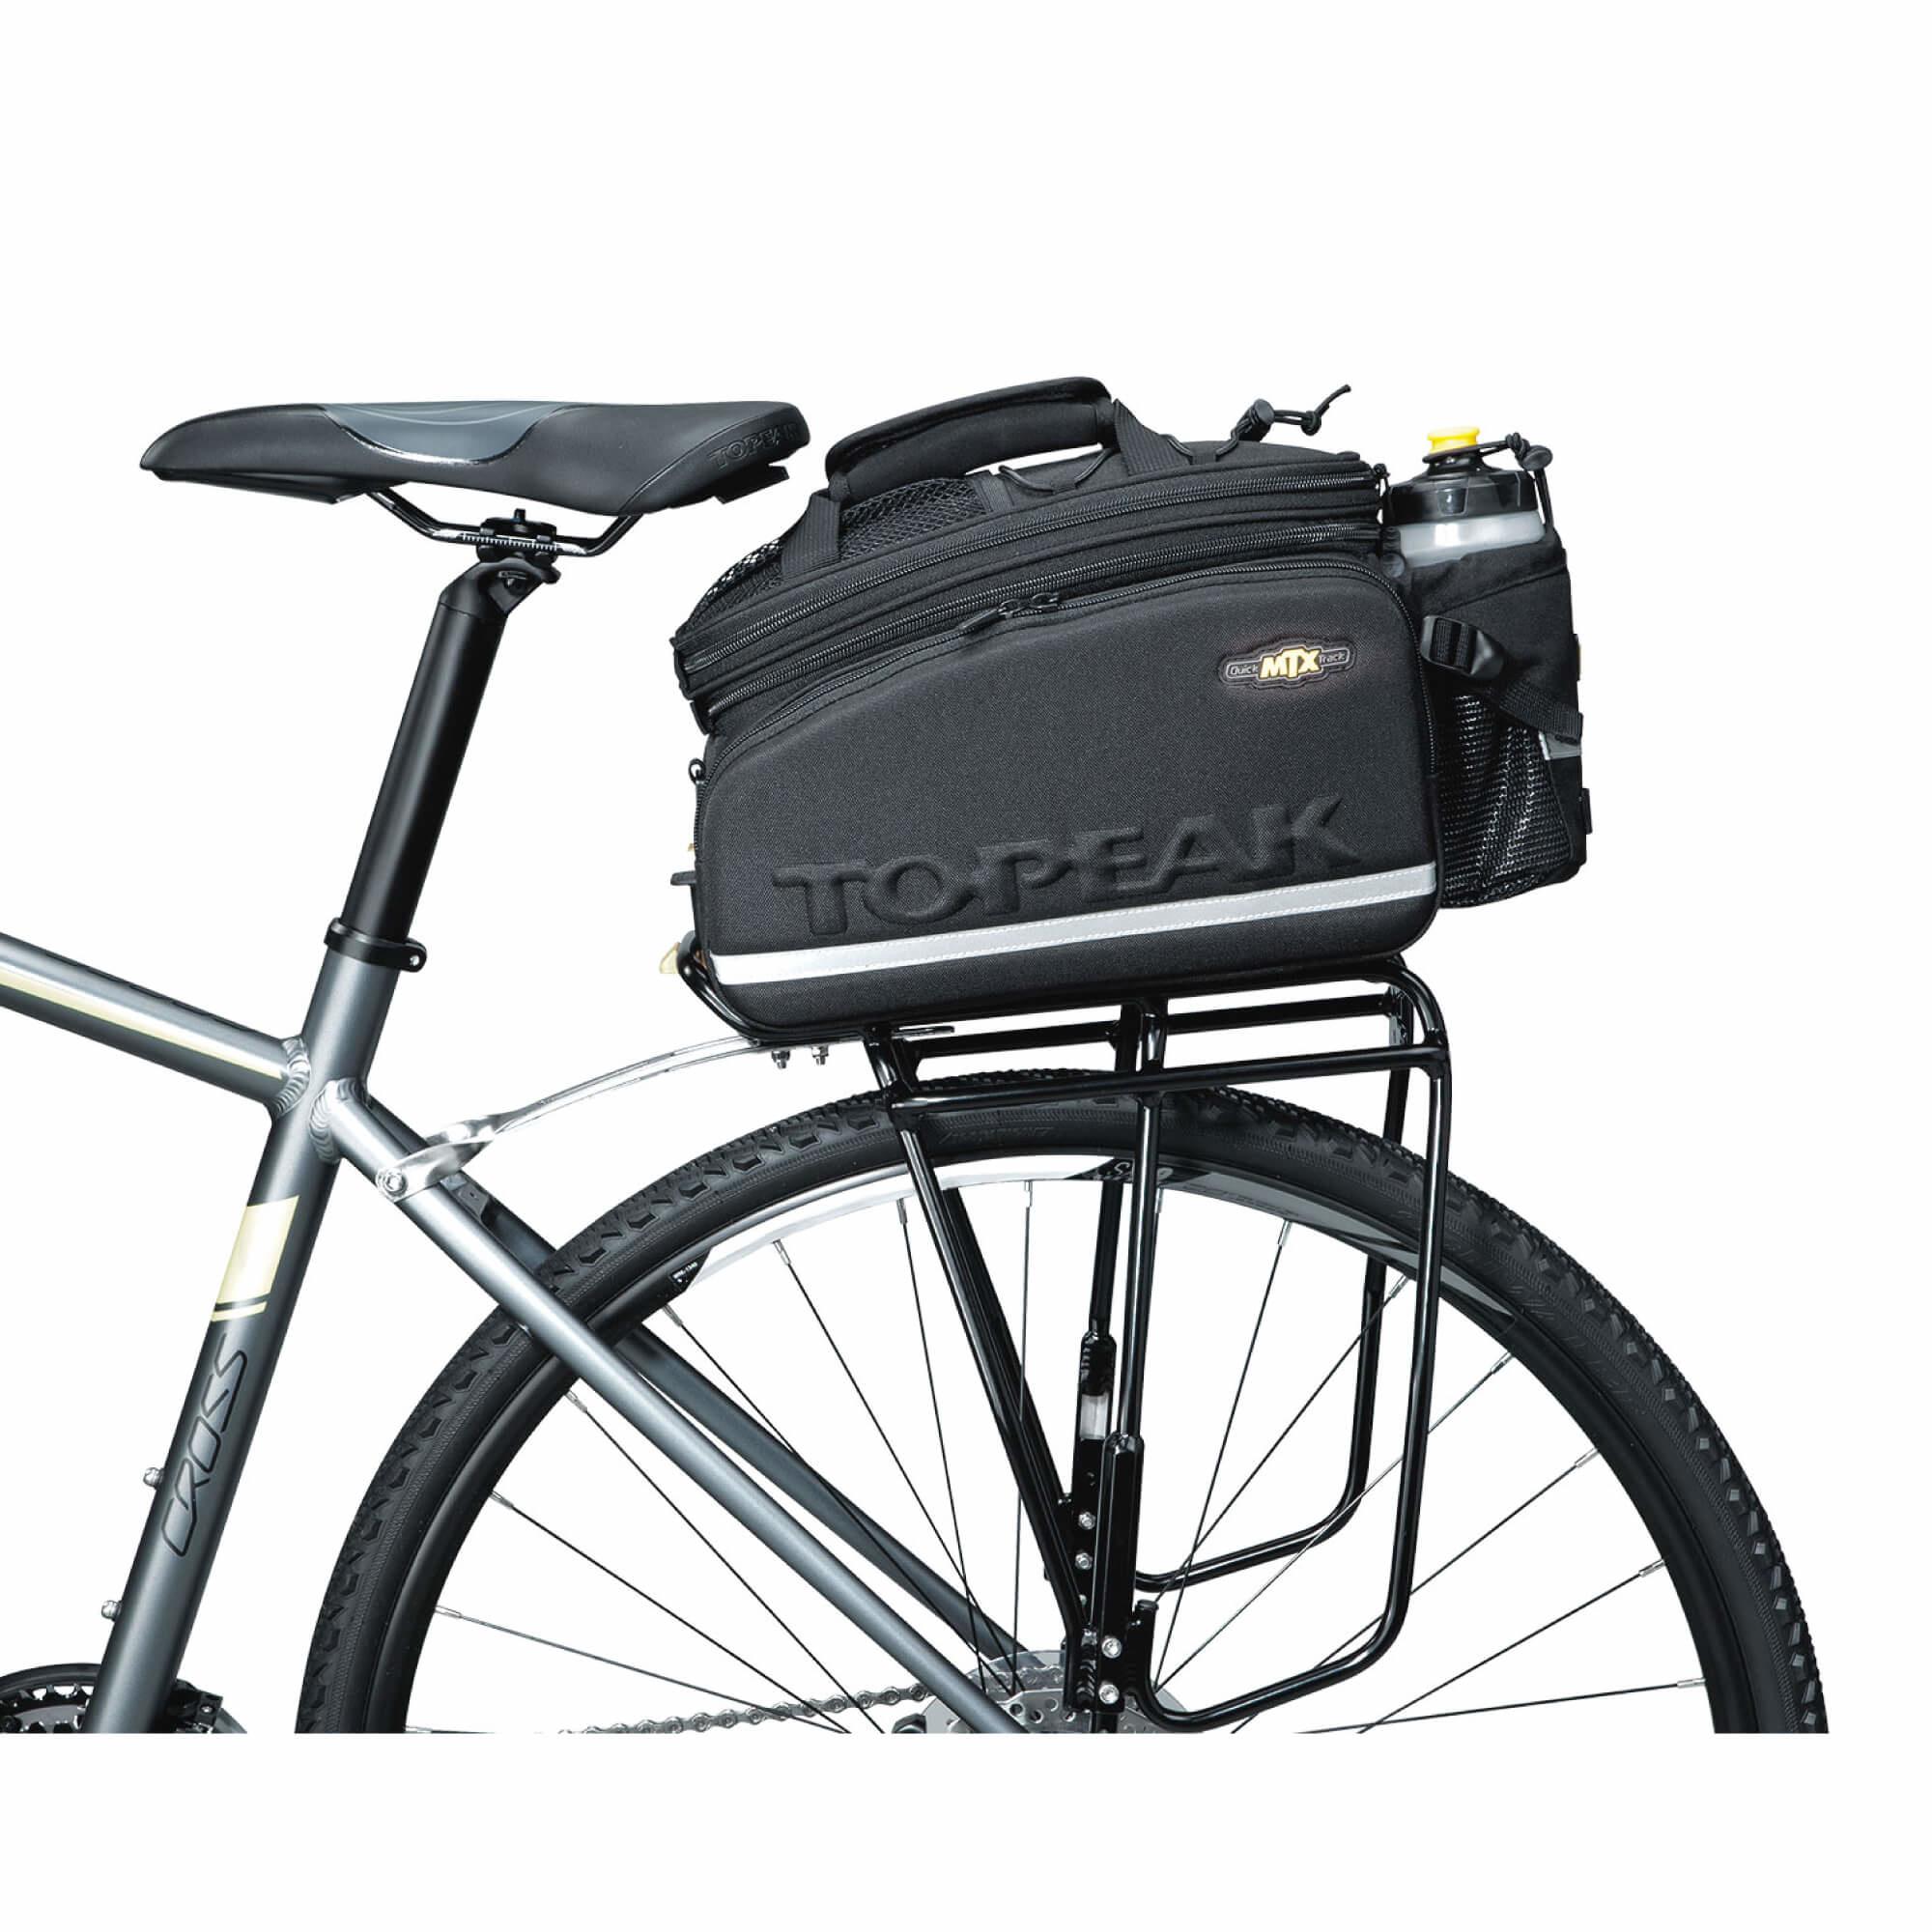 MTX Trunk Bag DX-2